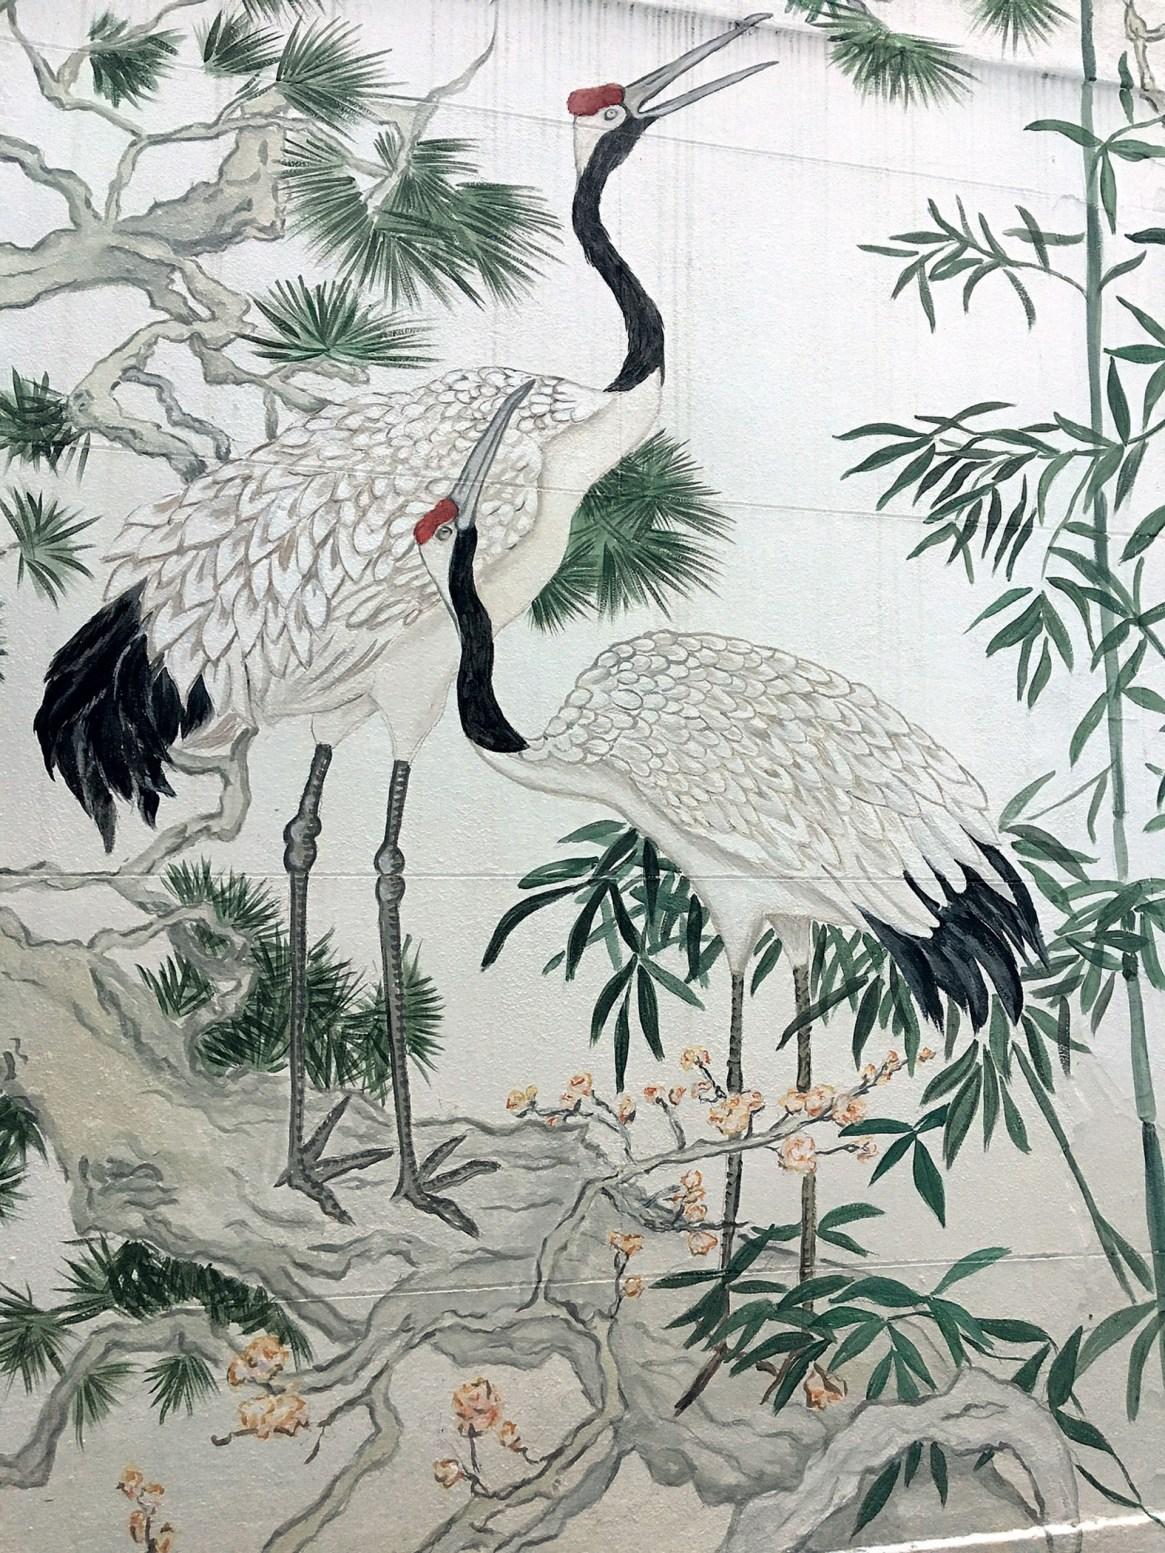 Un delicado motivo japonés le da un aire apacible y armónico a este mural.